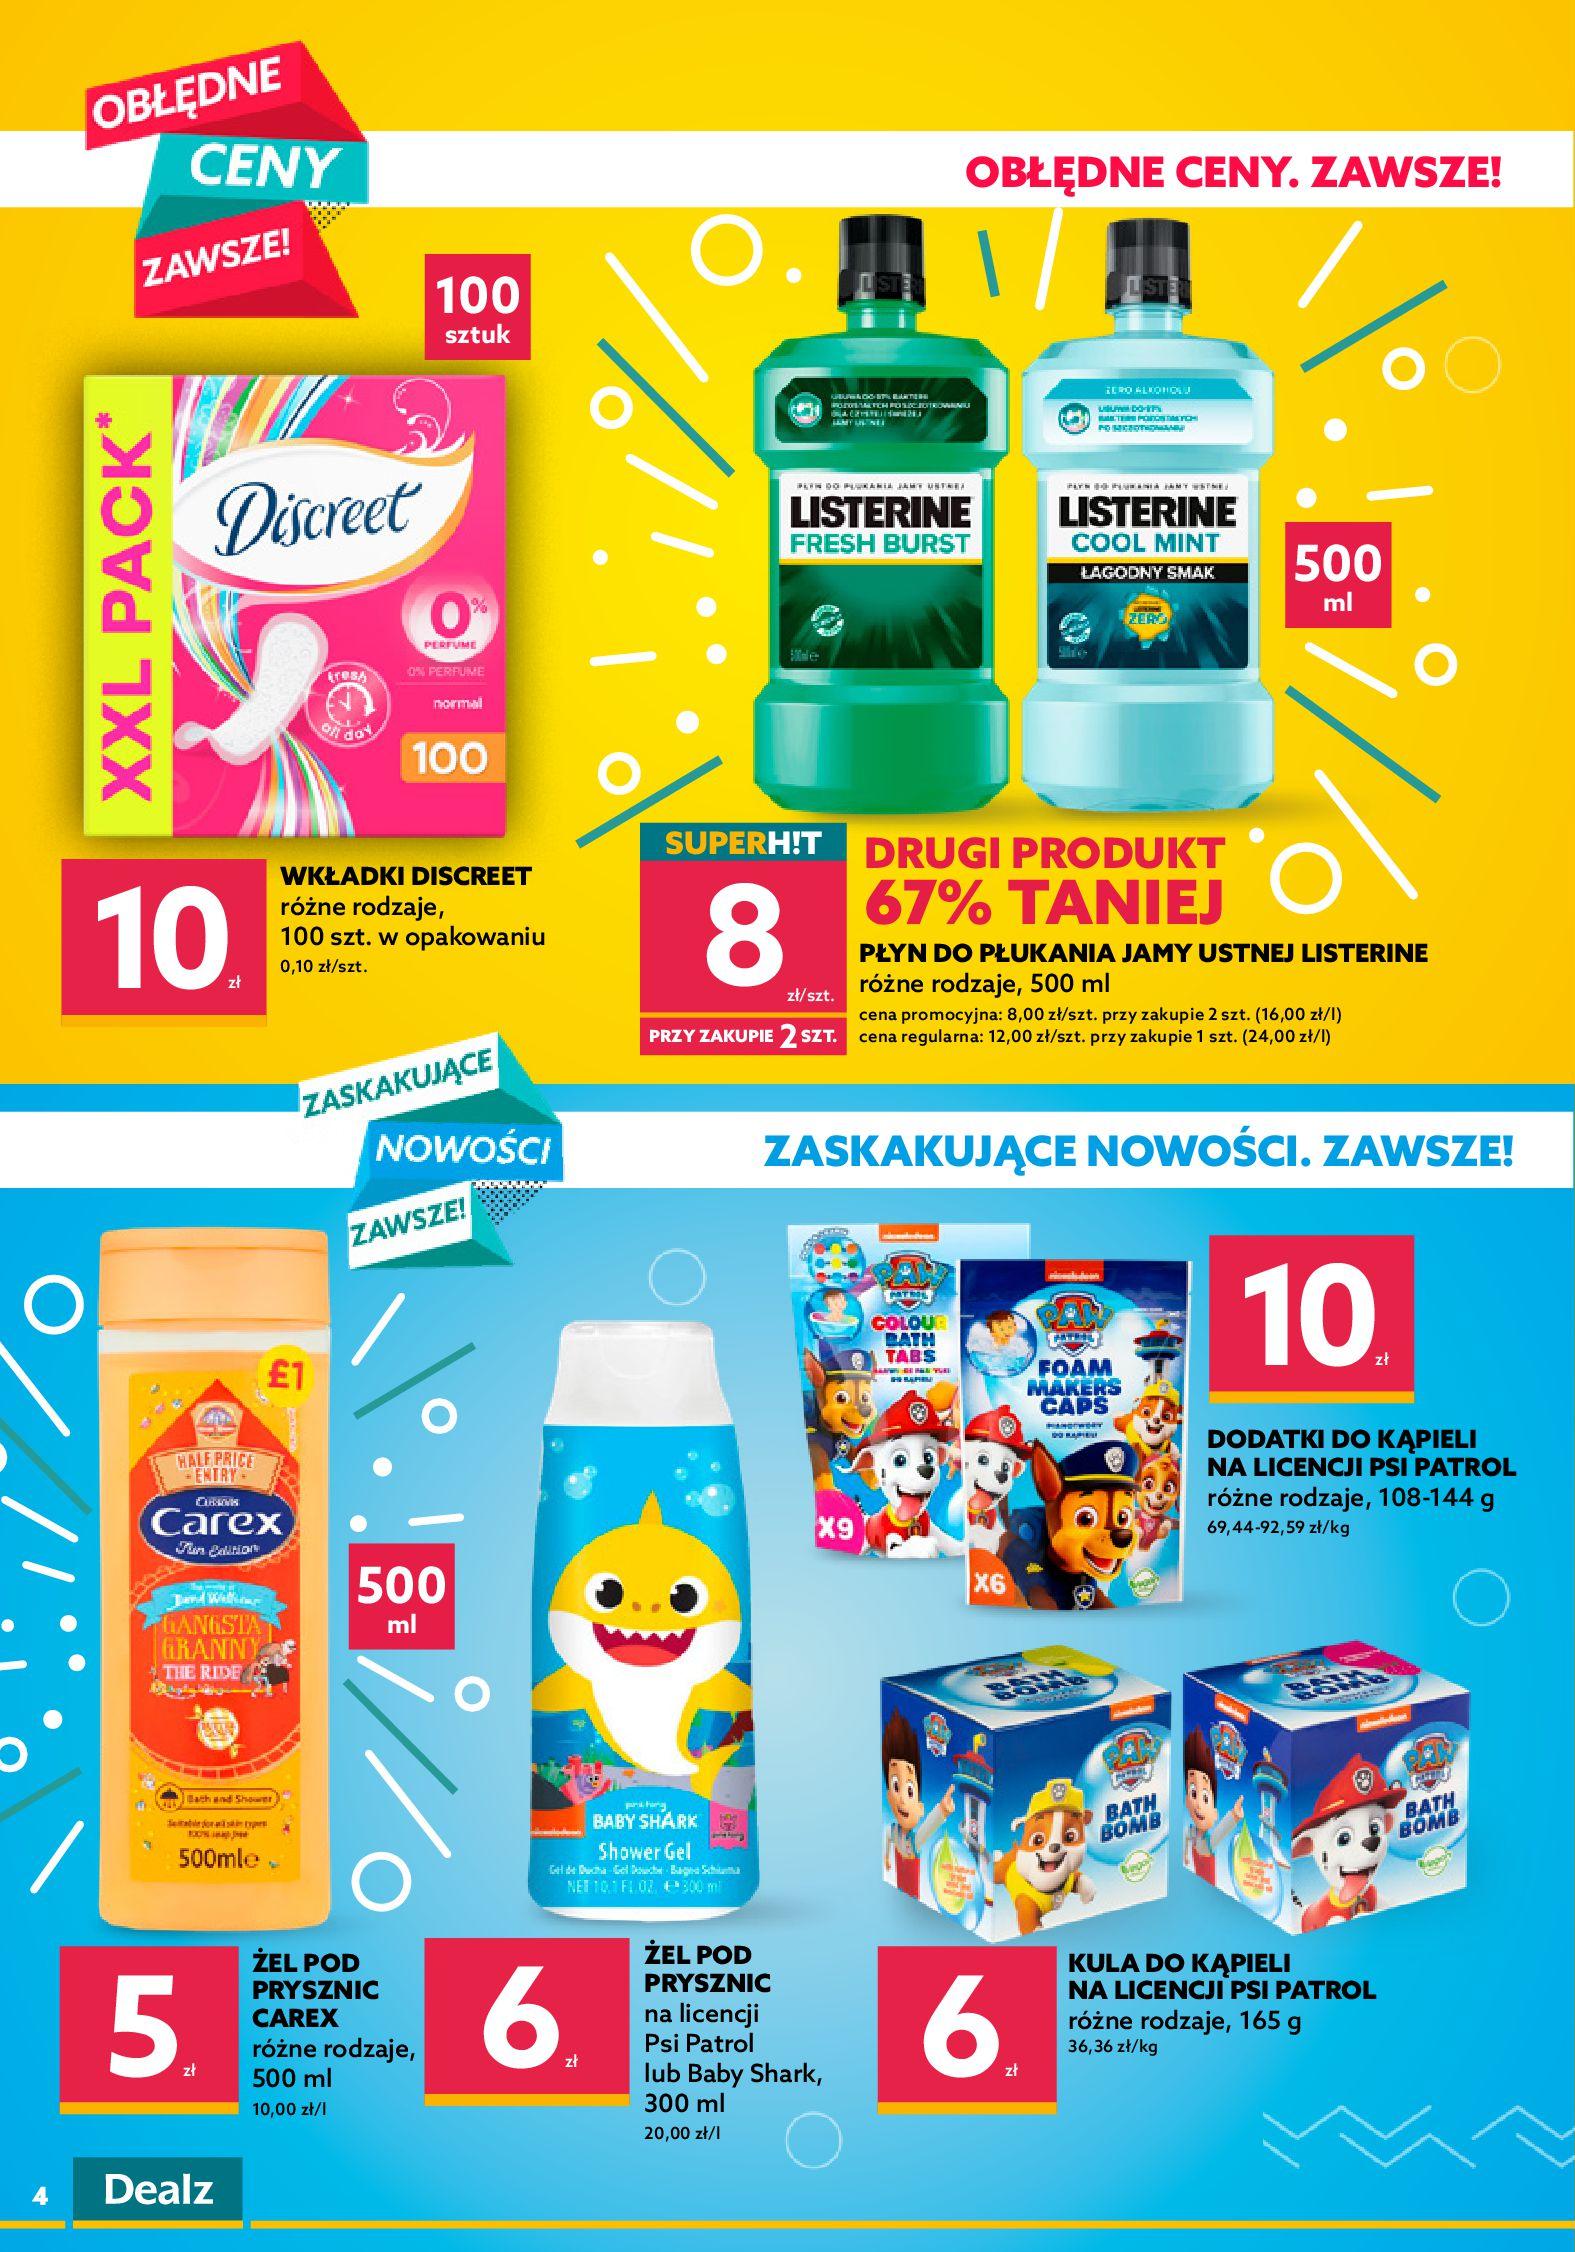 Gazetka Dealz : Gazetka Dealz - 20-26.09 2021-09-20 page-4